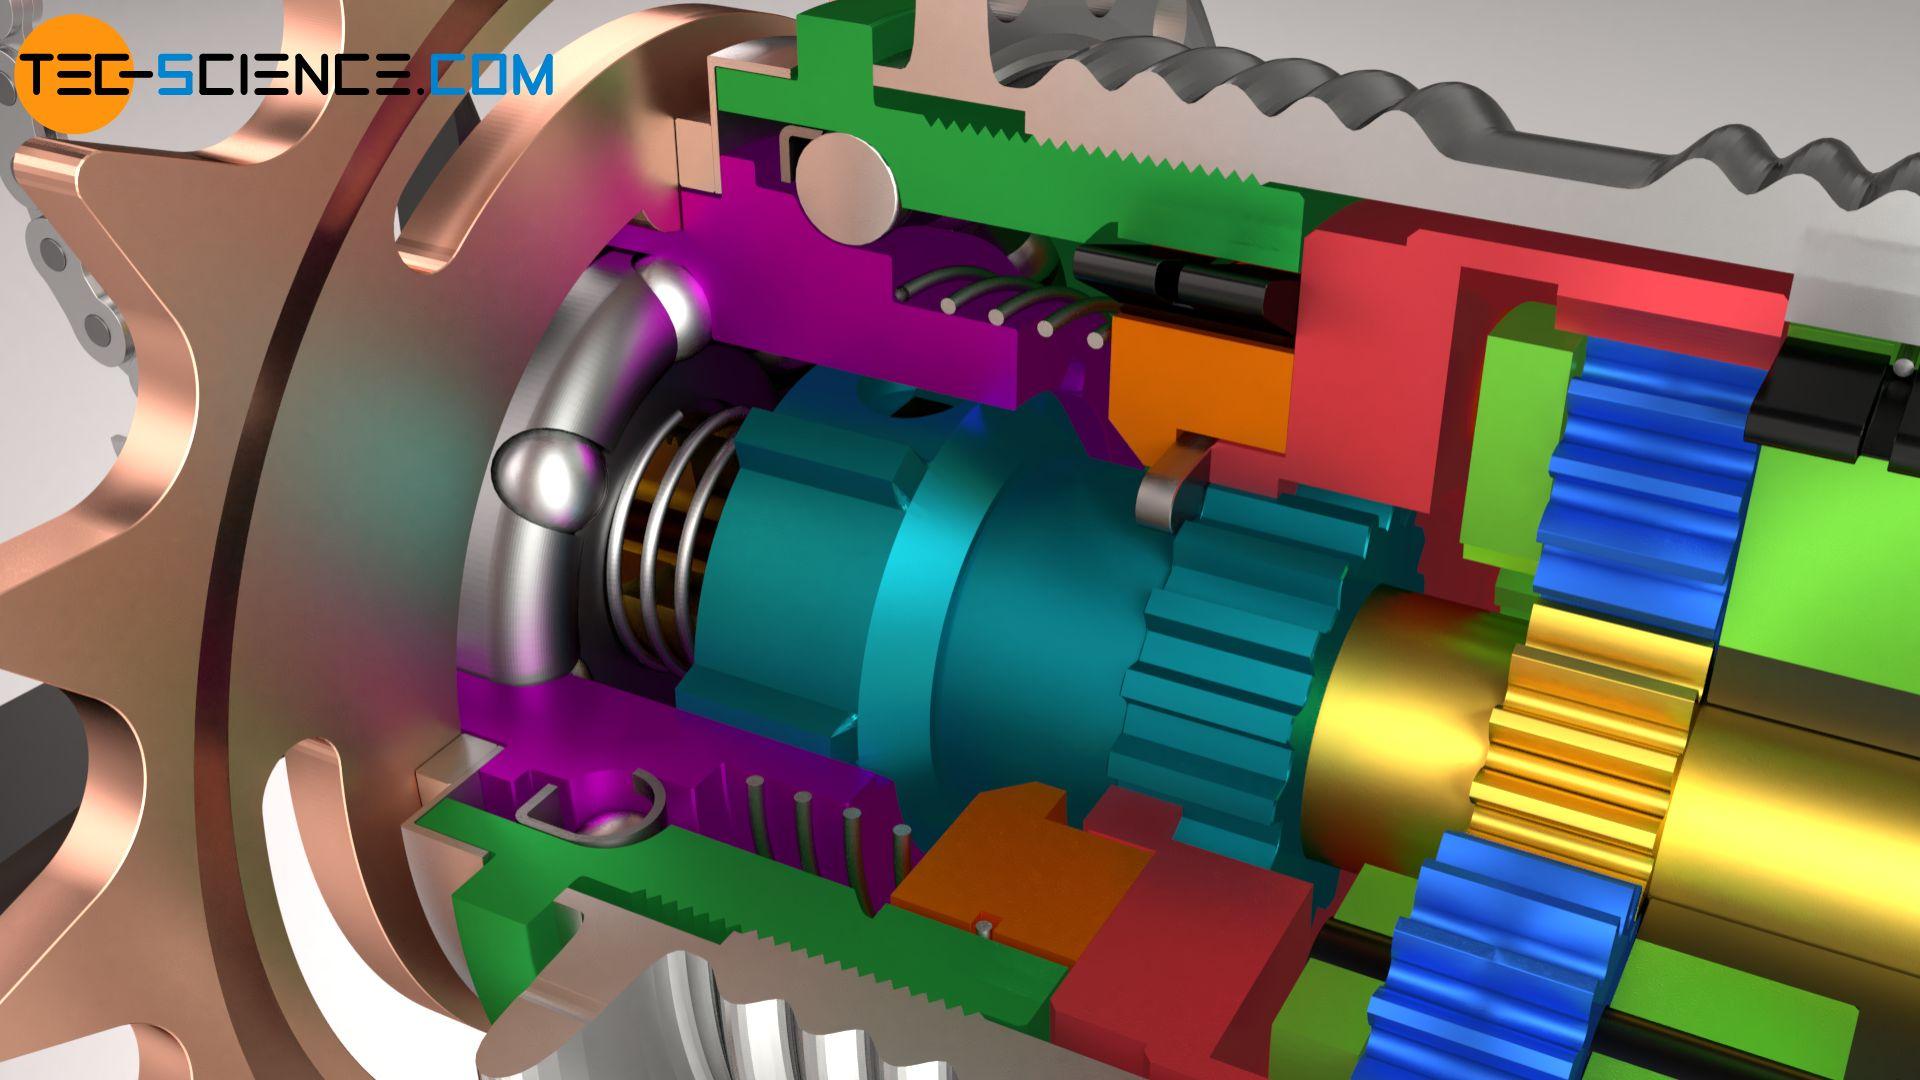 Sliding clutch of a three-speed gear hub